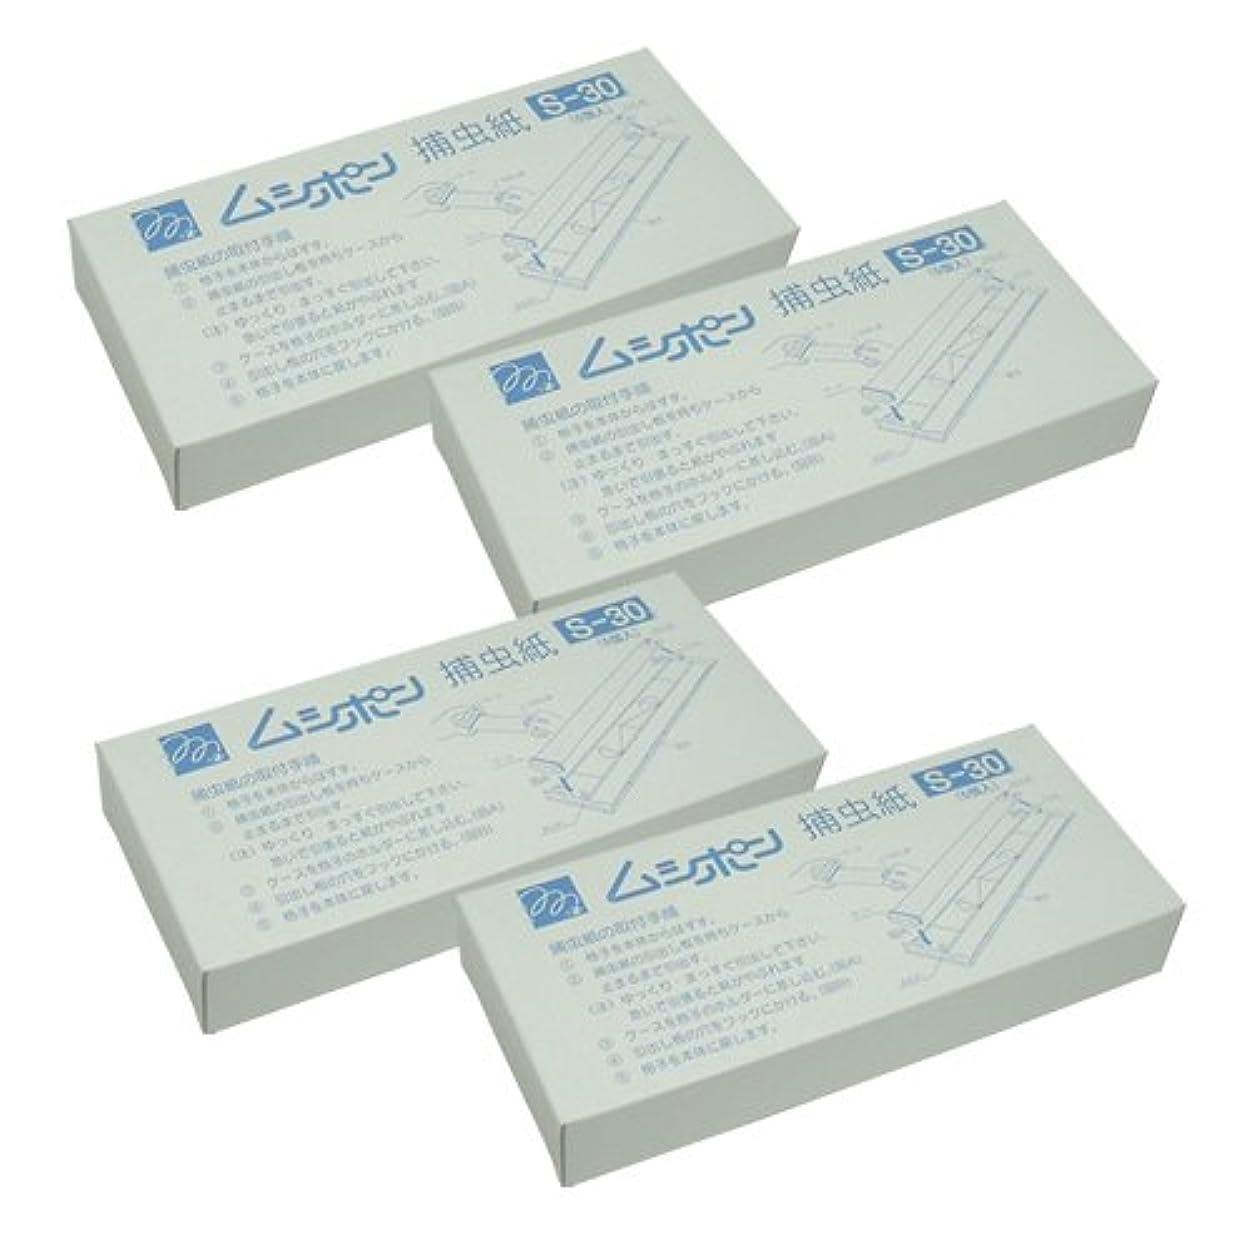 ムシポン捕虫紙S-30  5個入×4箱(20個入)